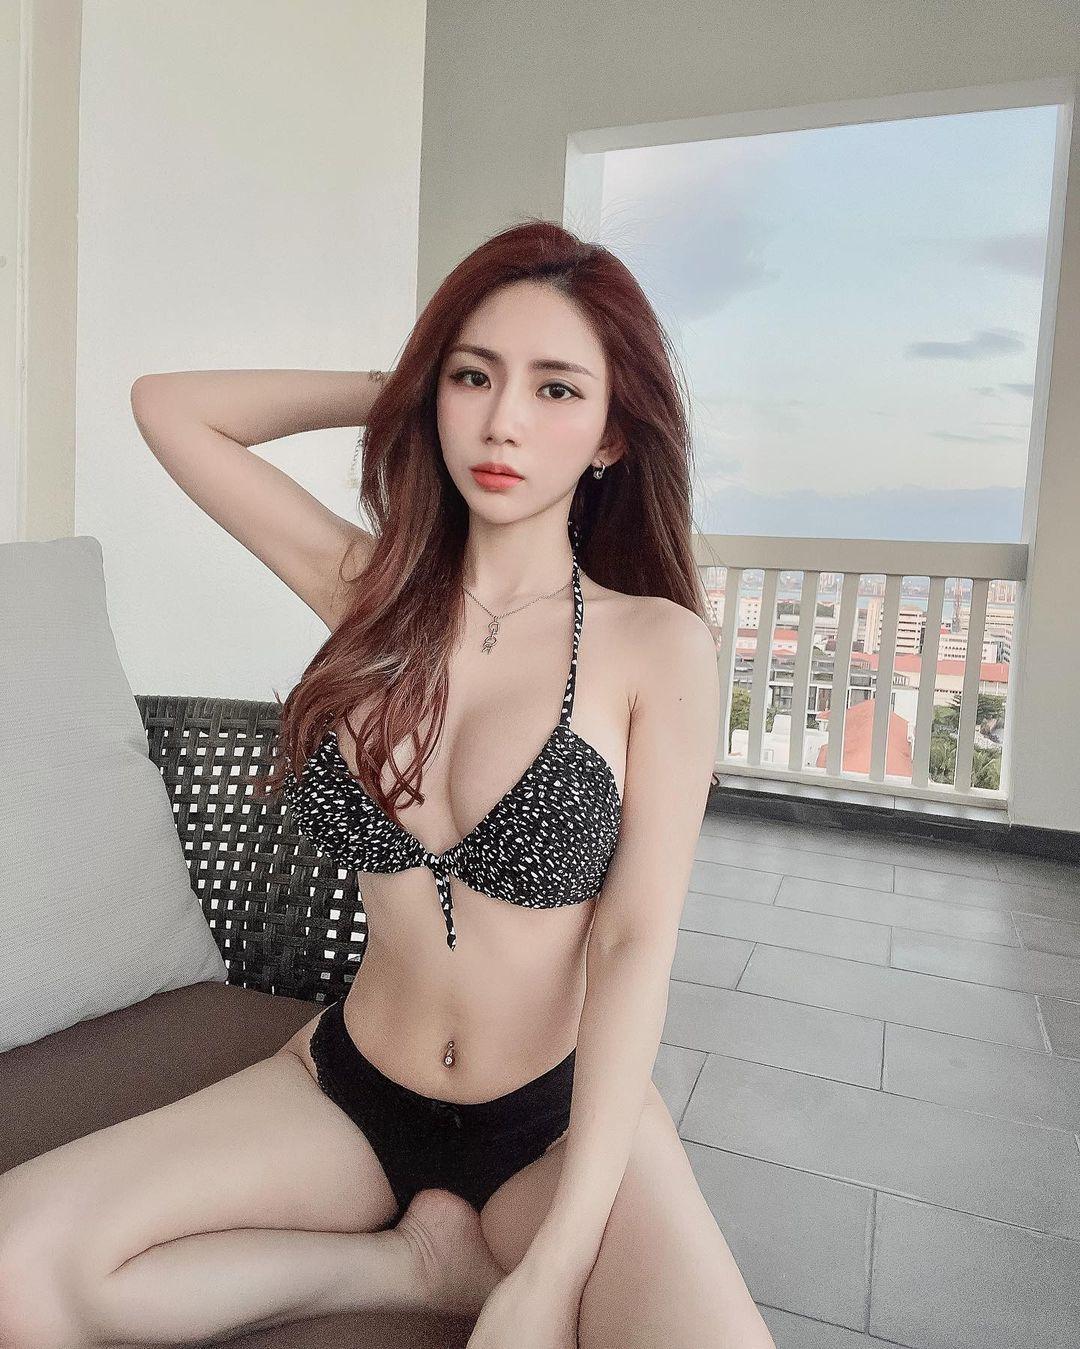 馬來西亞美女辣媽- men's uno Hong Kong